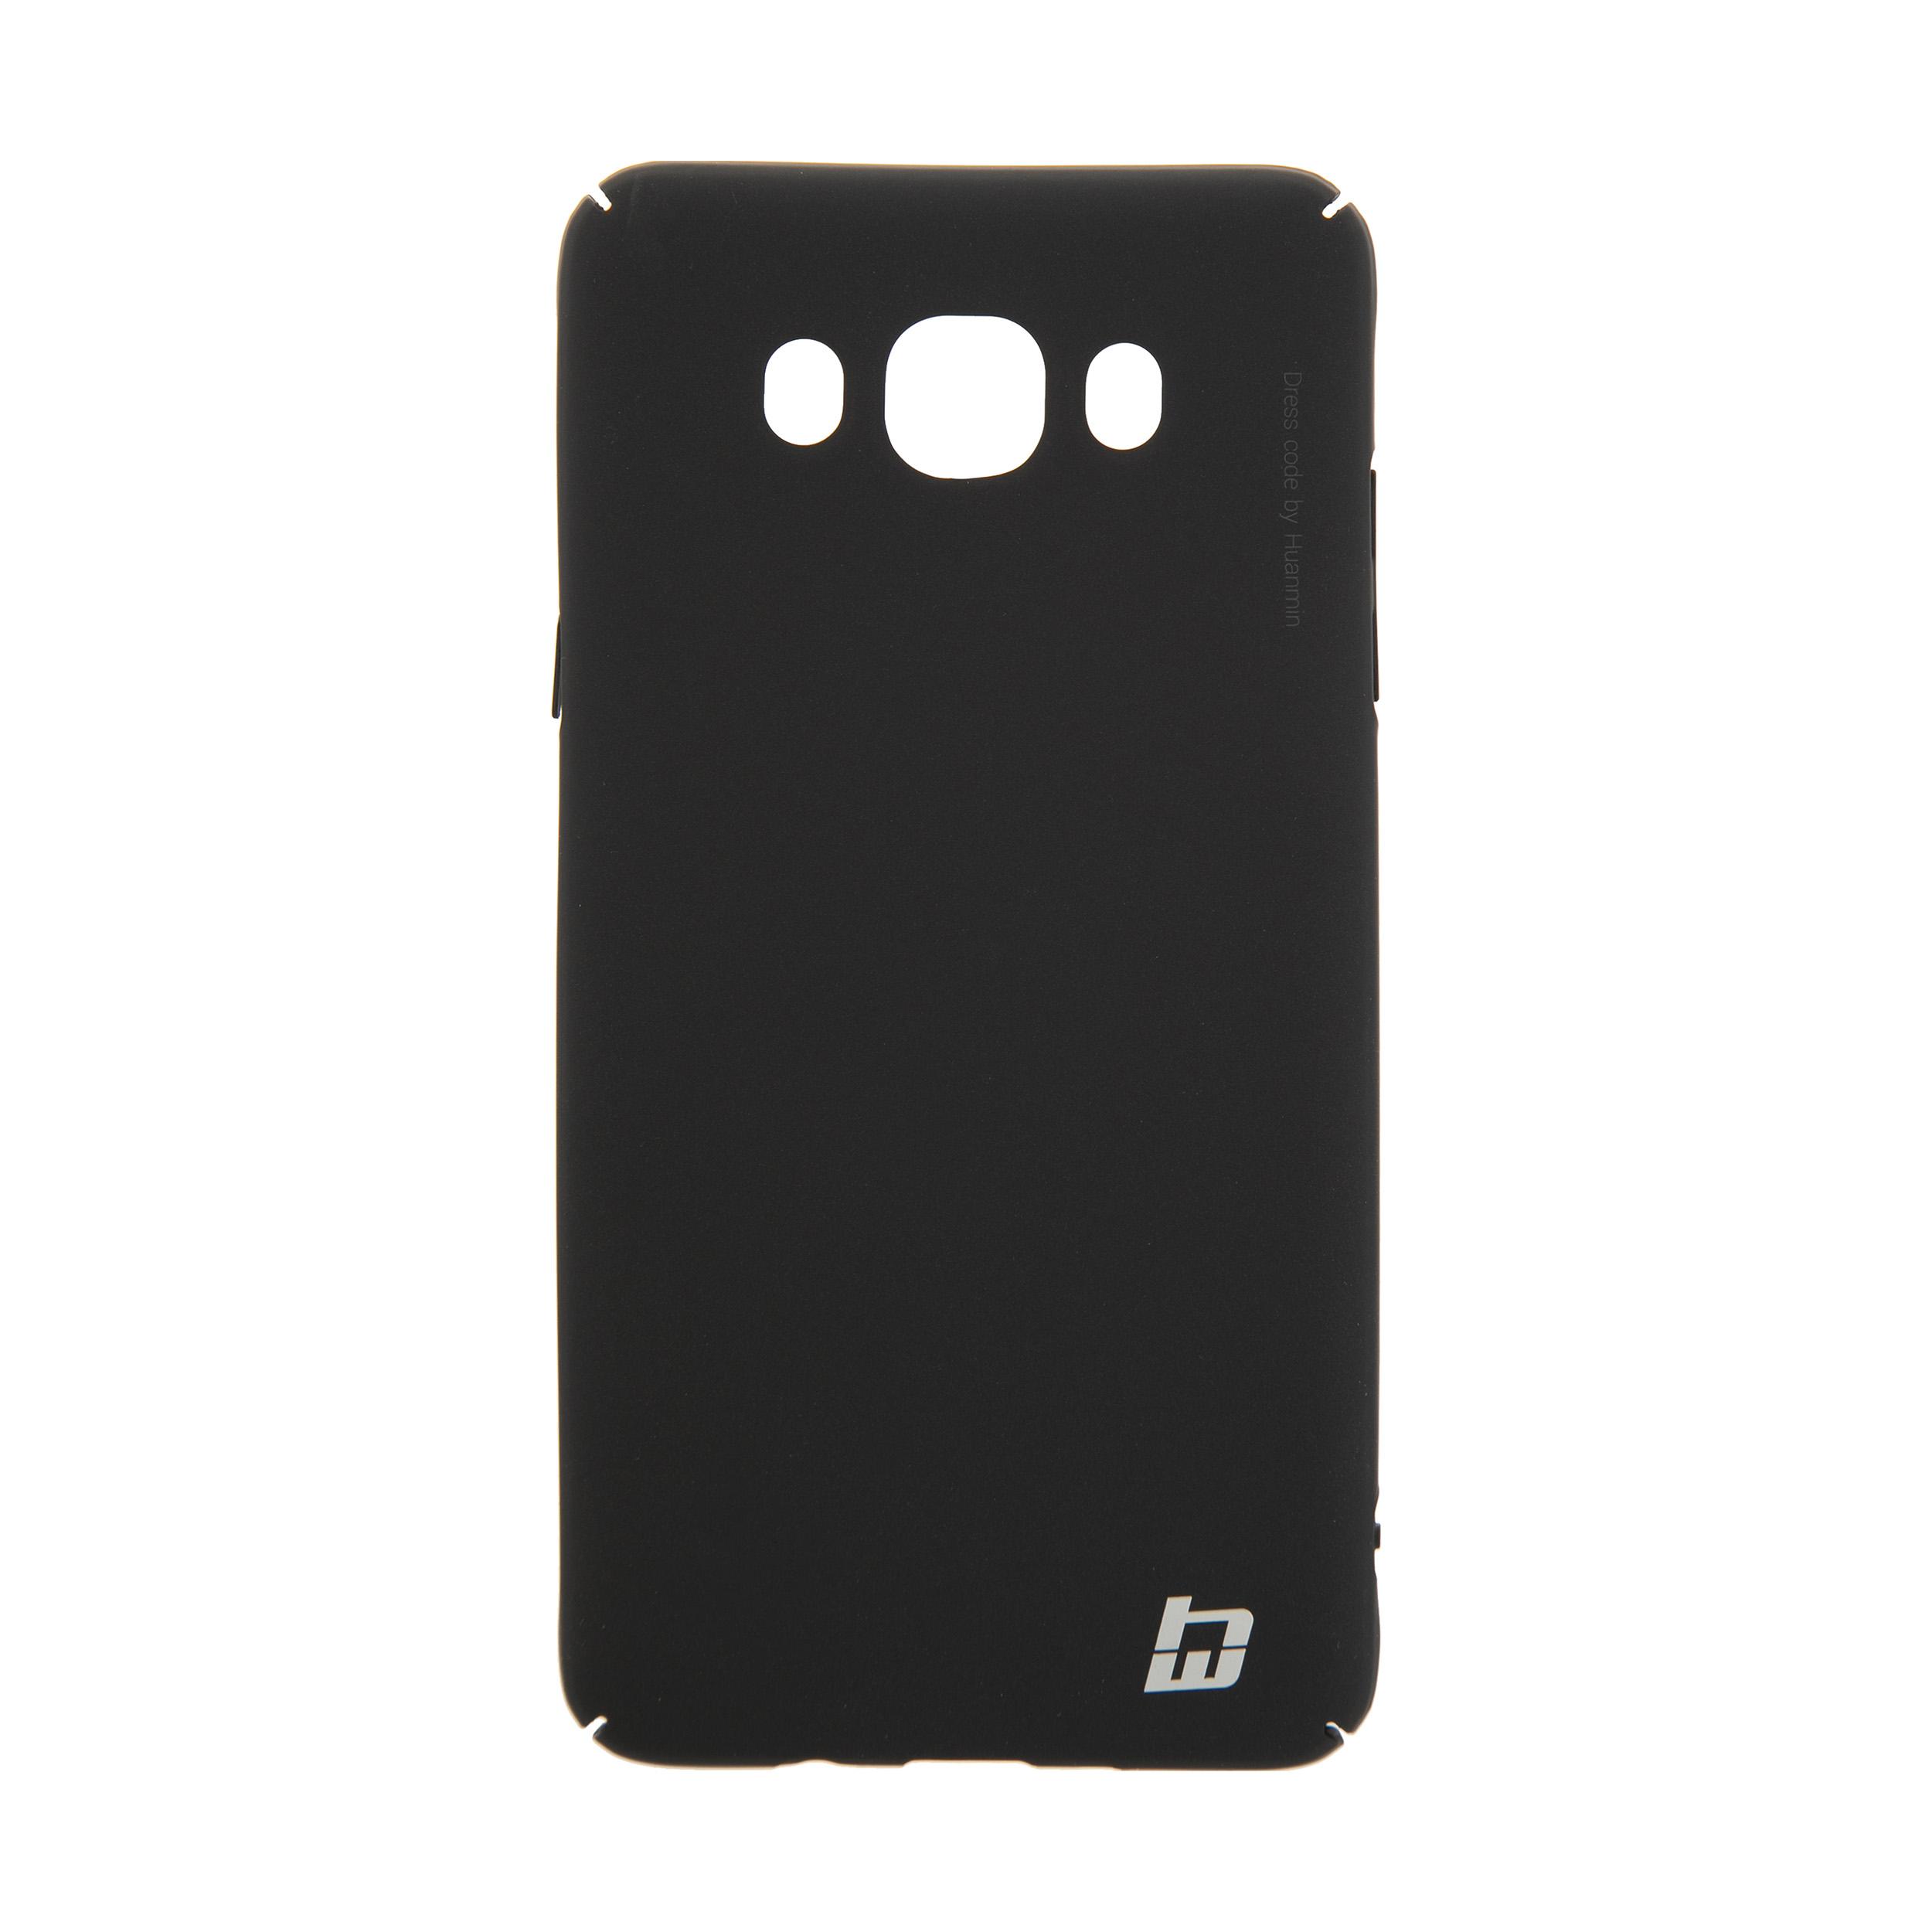 کاور هوآنمین مدل VEL مناسب برای گوشی موبایل سامسونگ Galaxy J7 2016